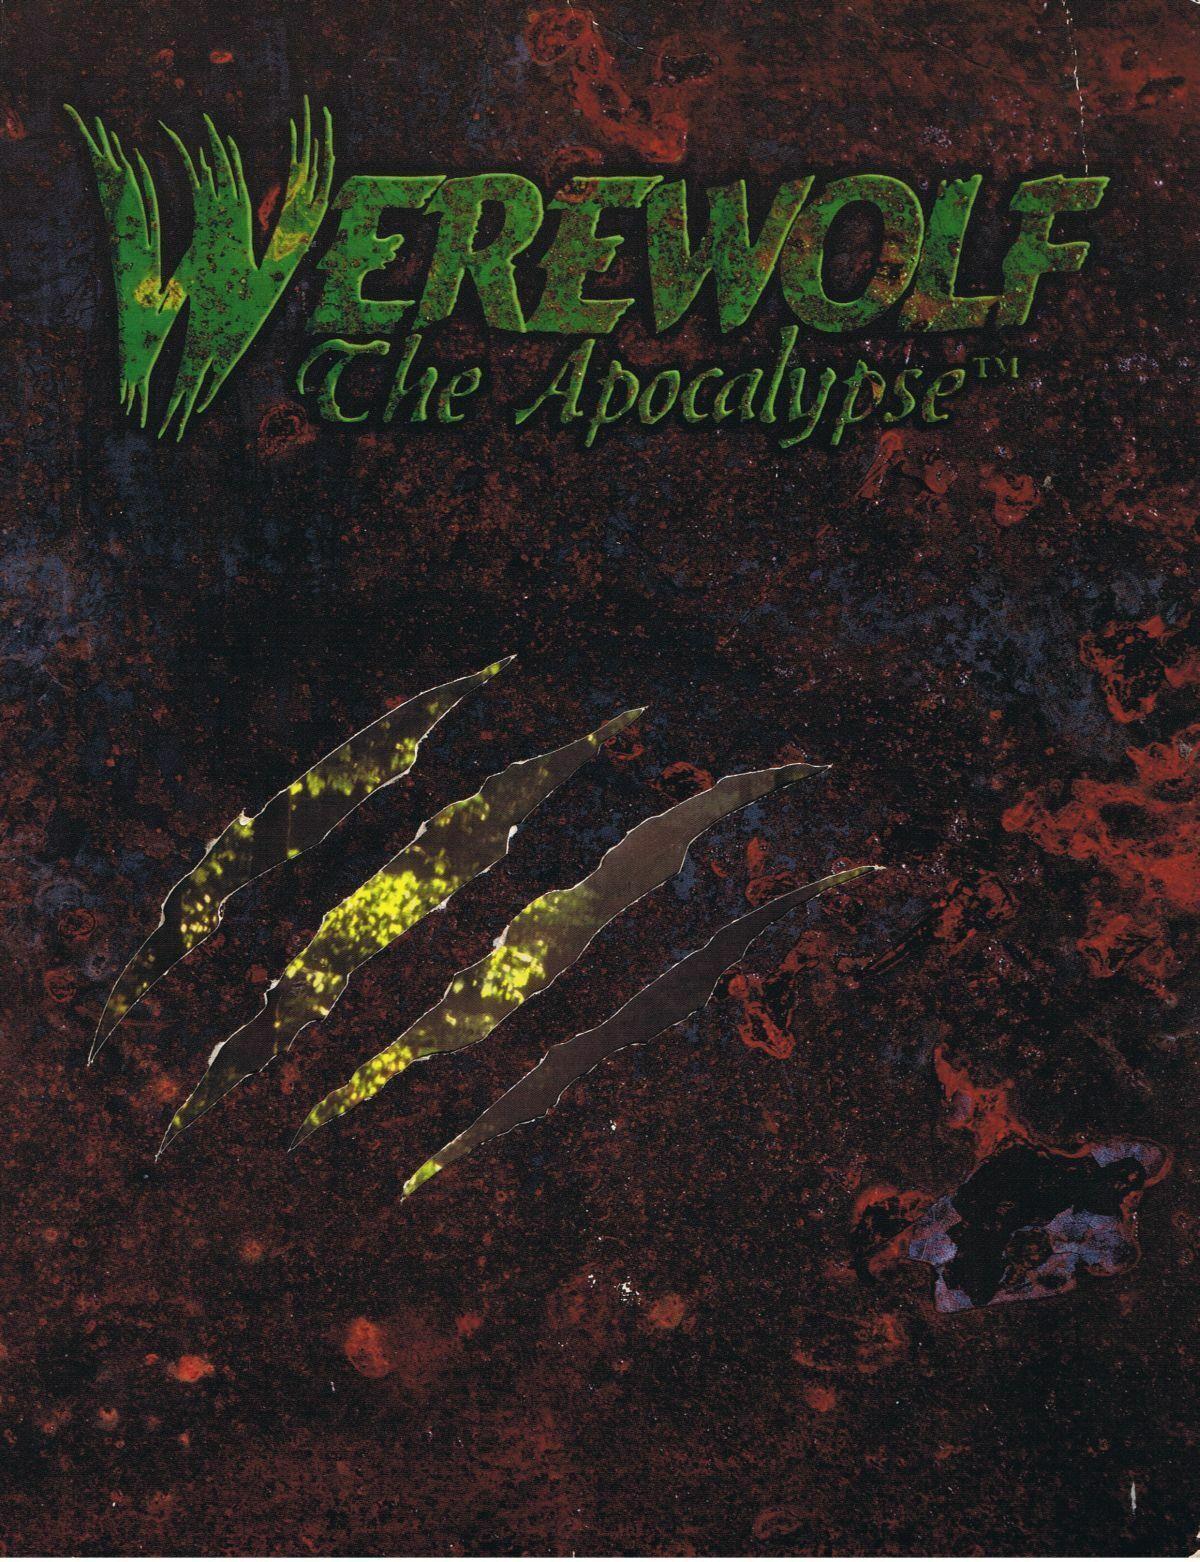 Hombre lobo el apocalipsis Tapa Dura 1st edición 1991